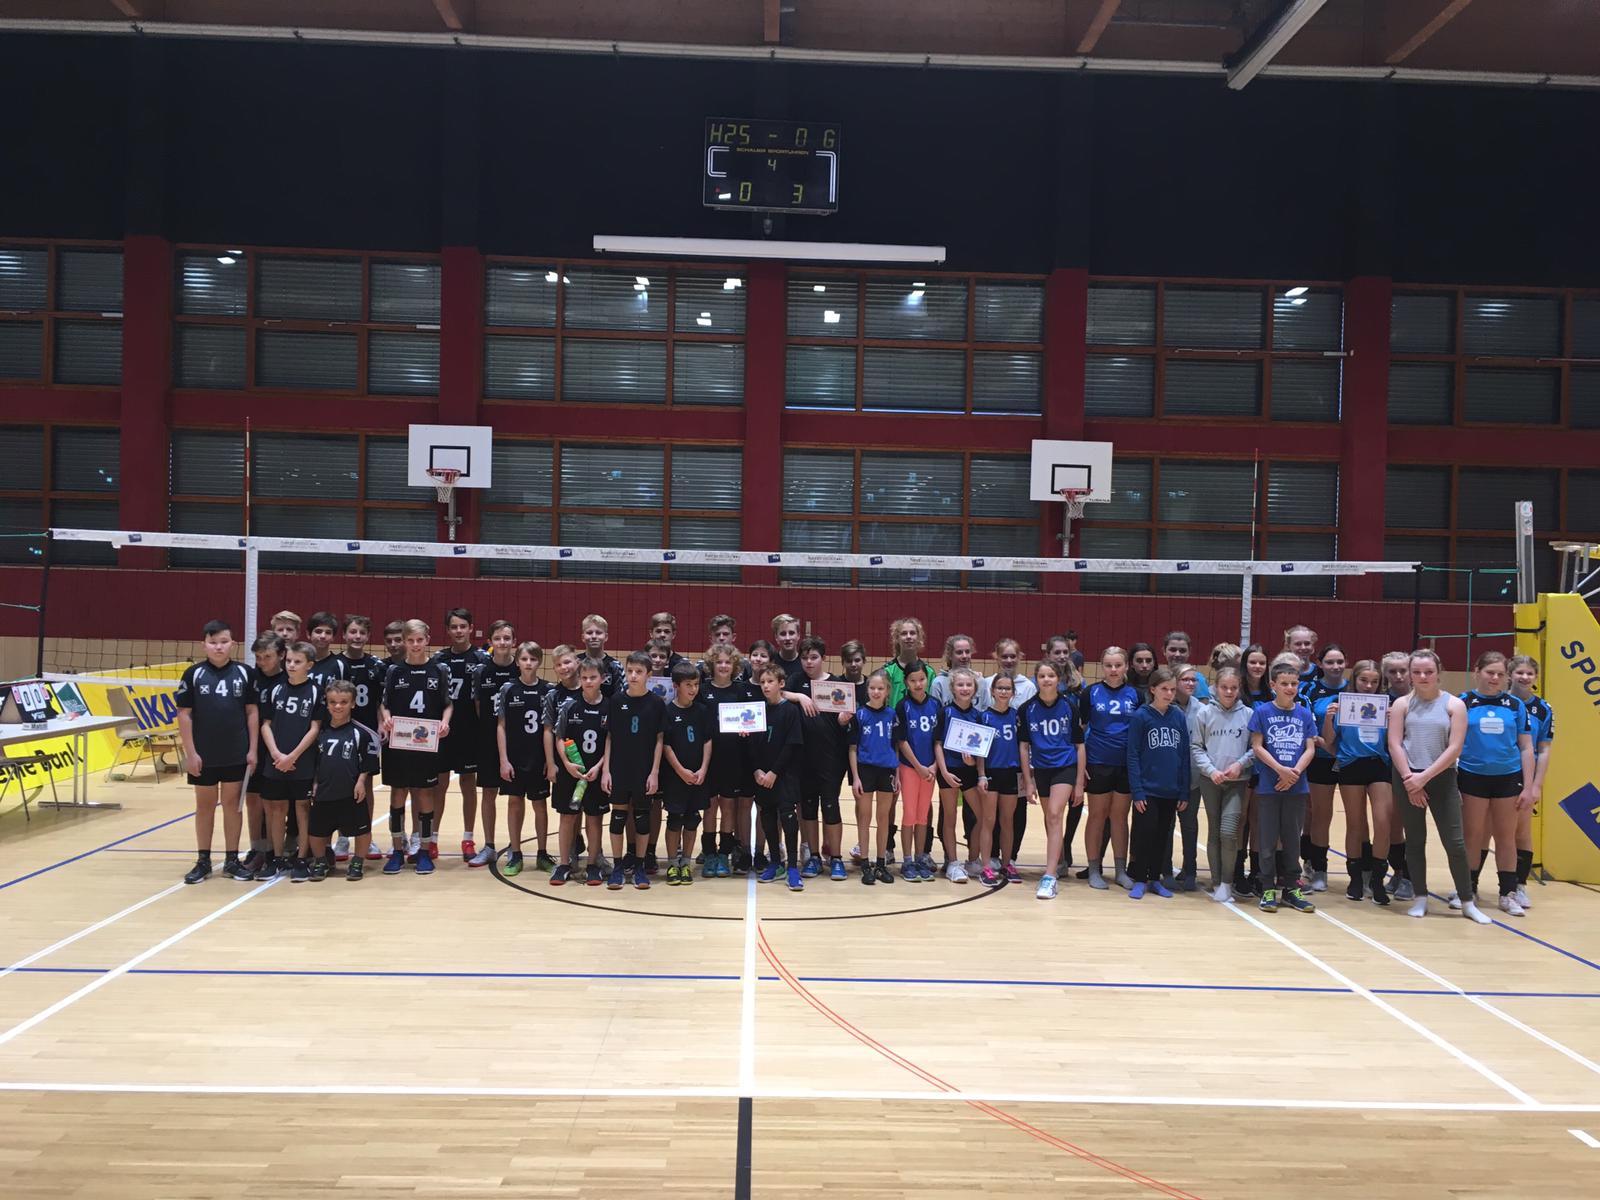 Sehr erfolgreiches U13- und U19-Turnier